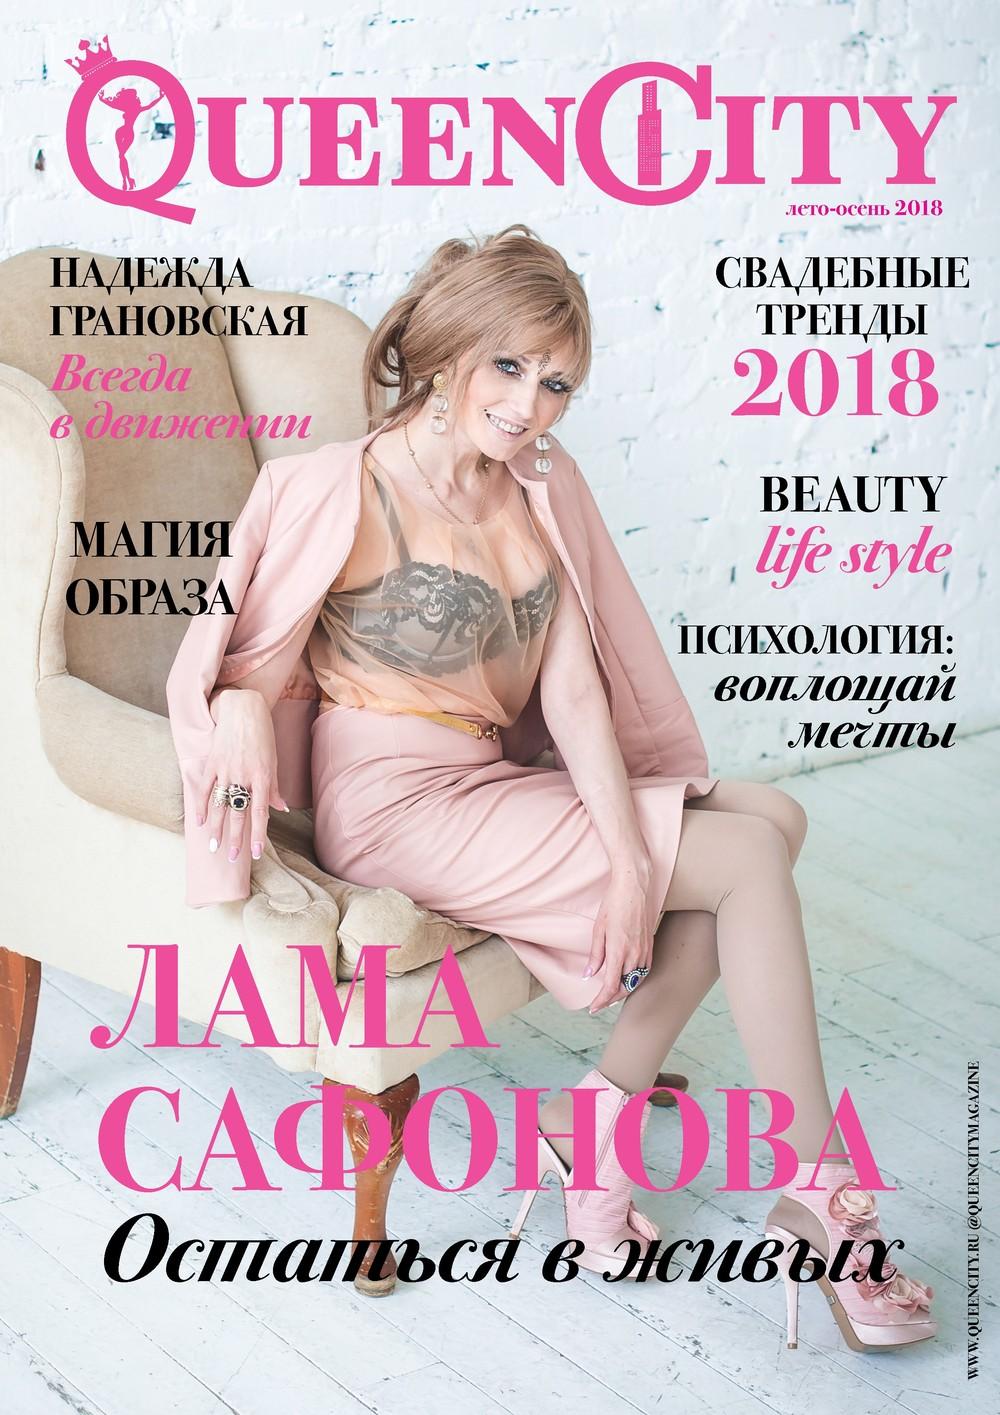 NEW COVER ЛЕТО-ОСЕНЬ 2018